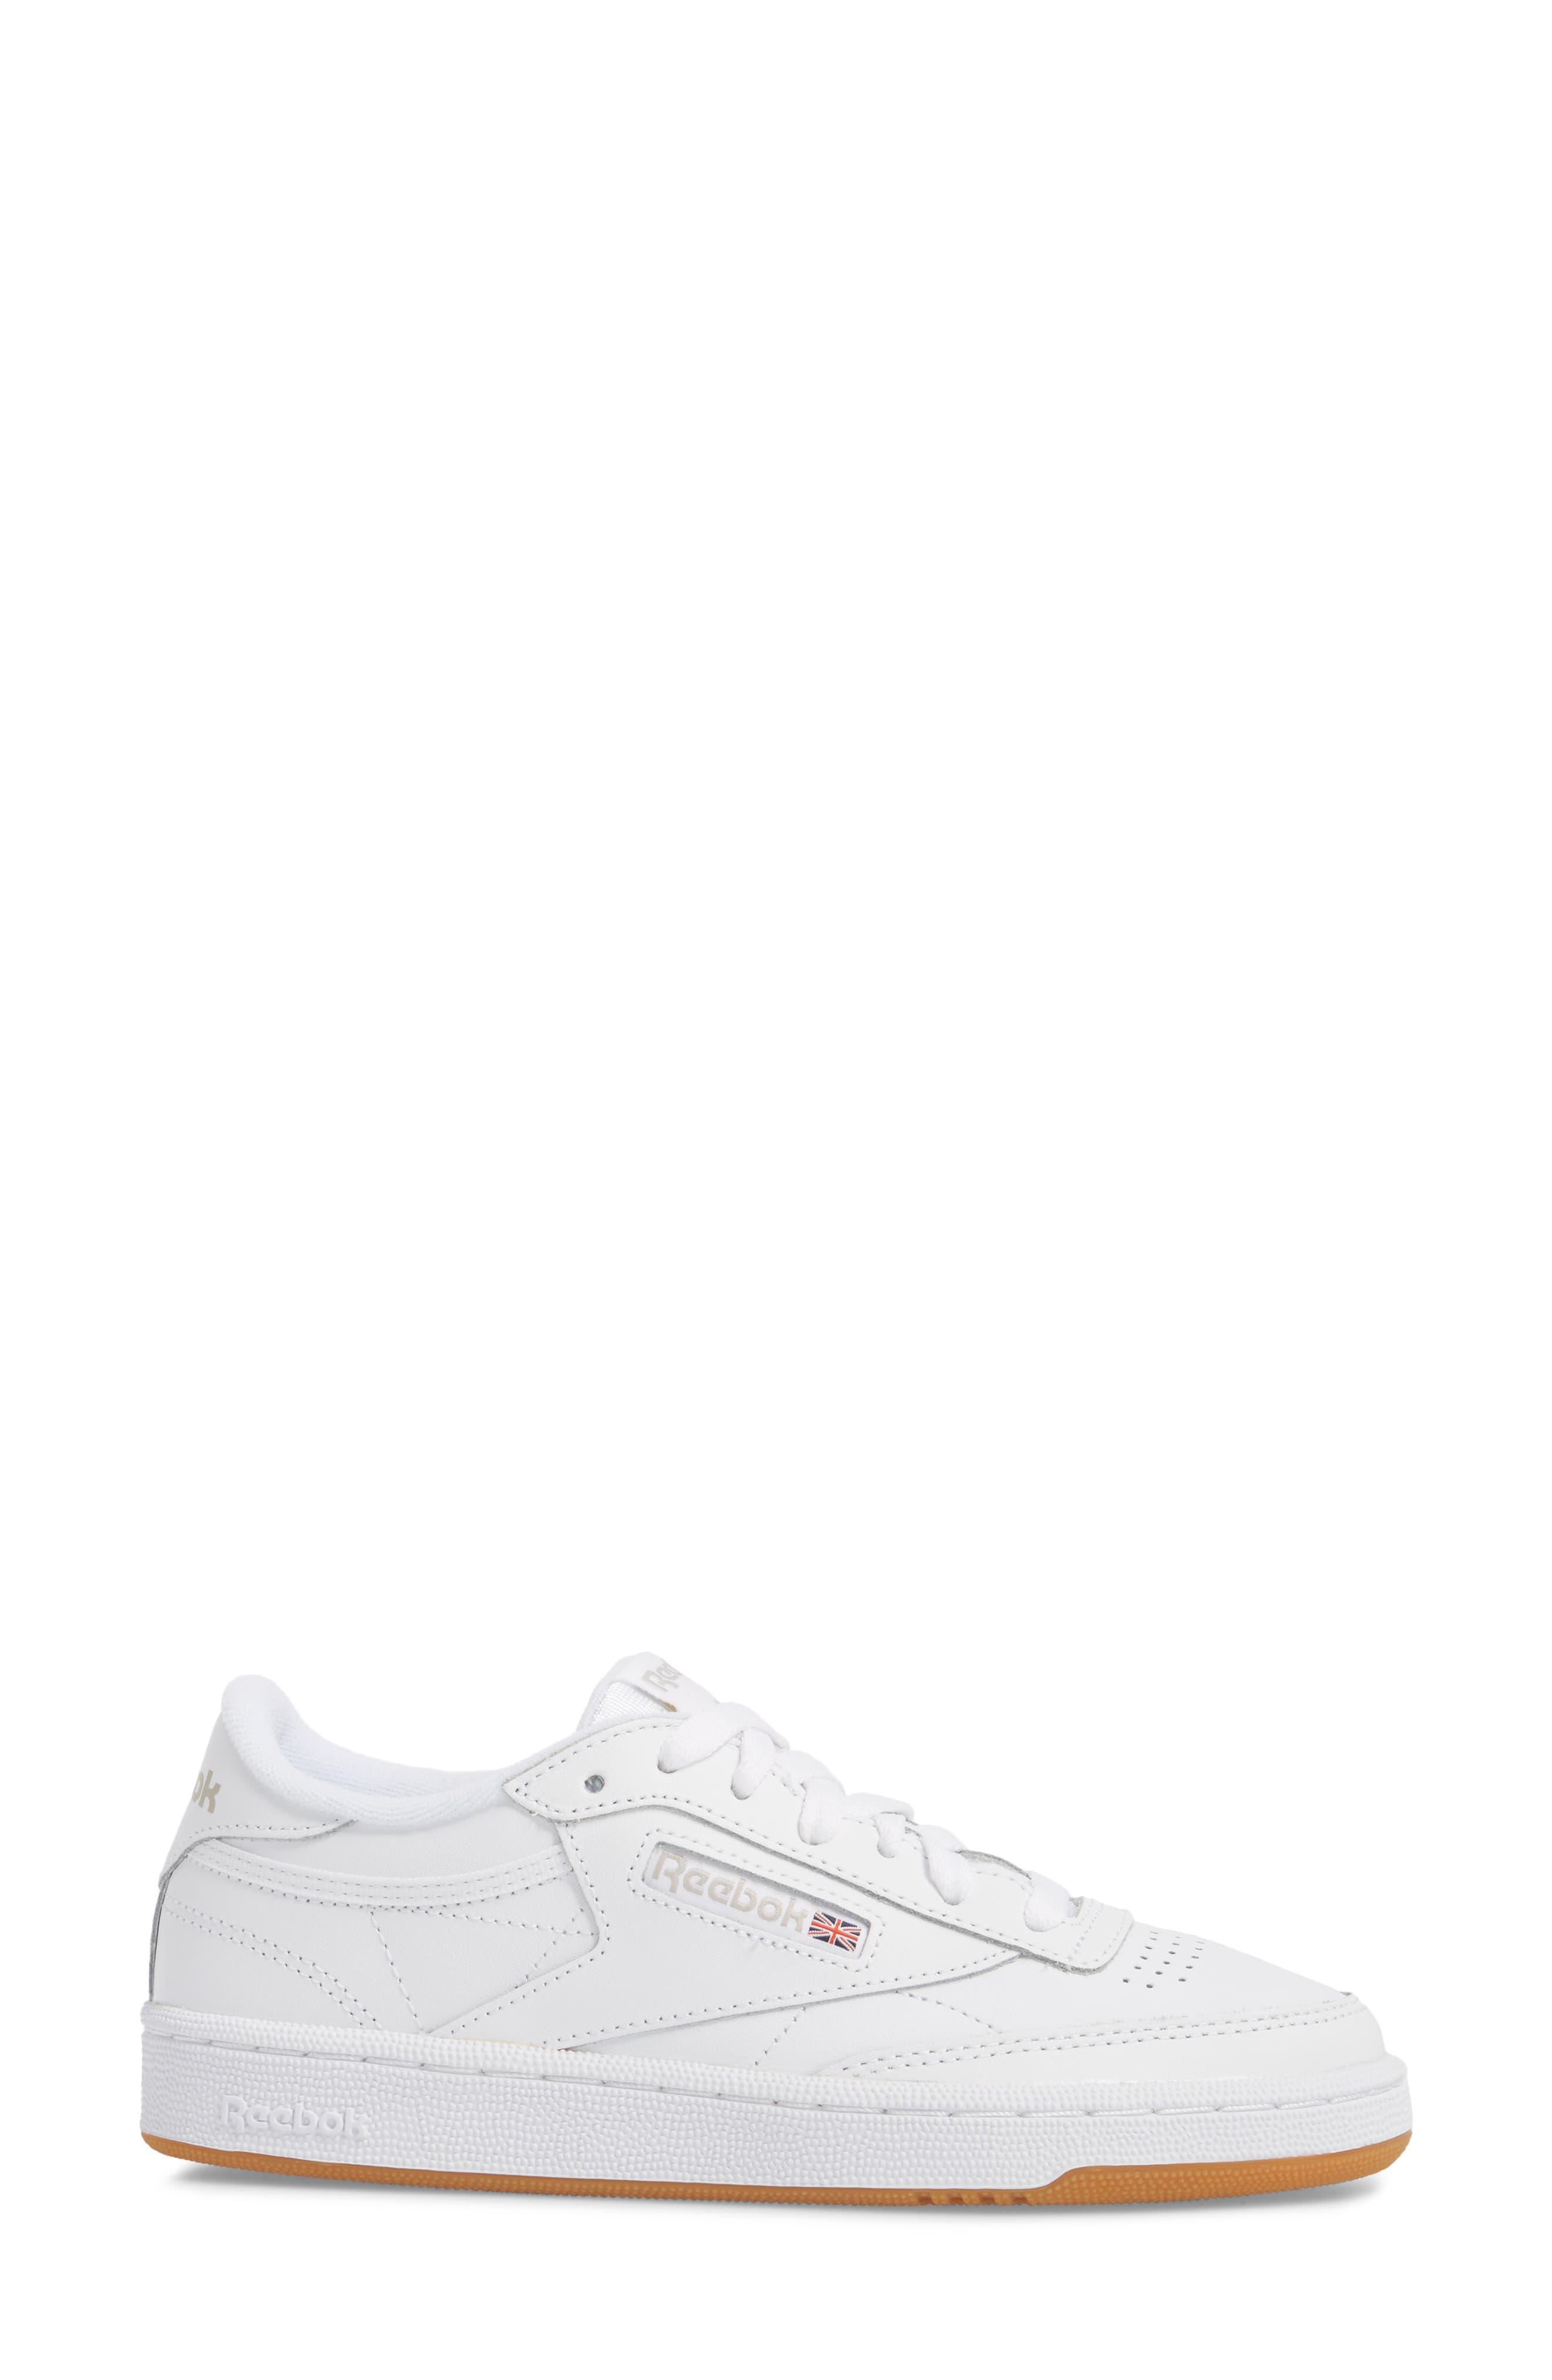 Club C 85 Sneaker,                             Alternate thumbnail 3, color,                             WHITE/ LIGHT GREY/ GUM